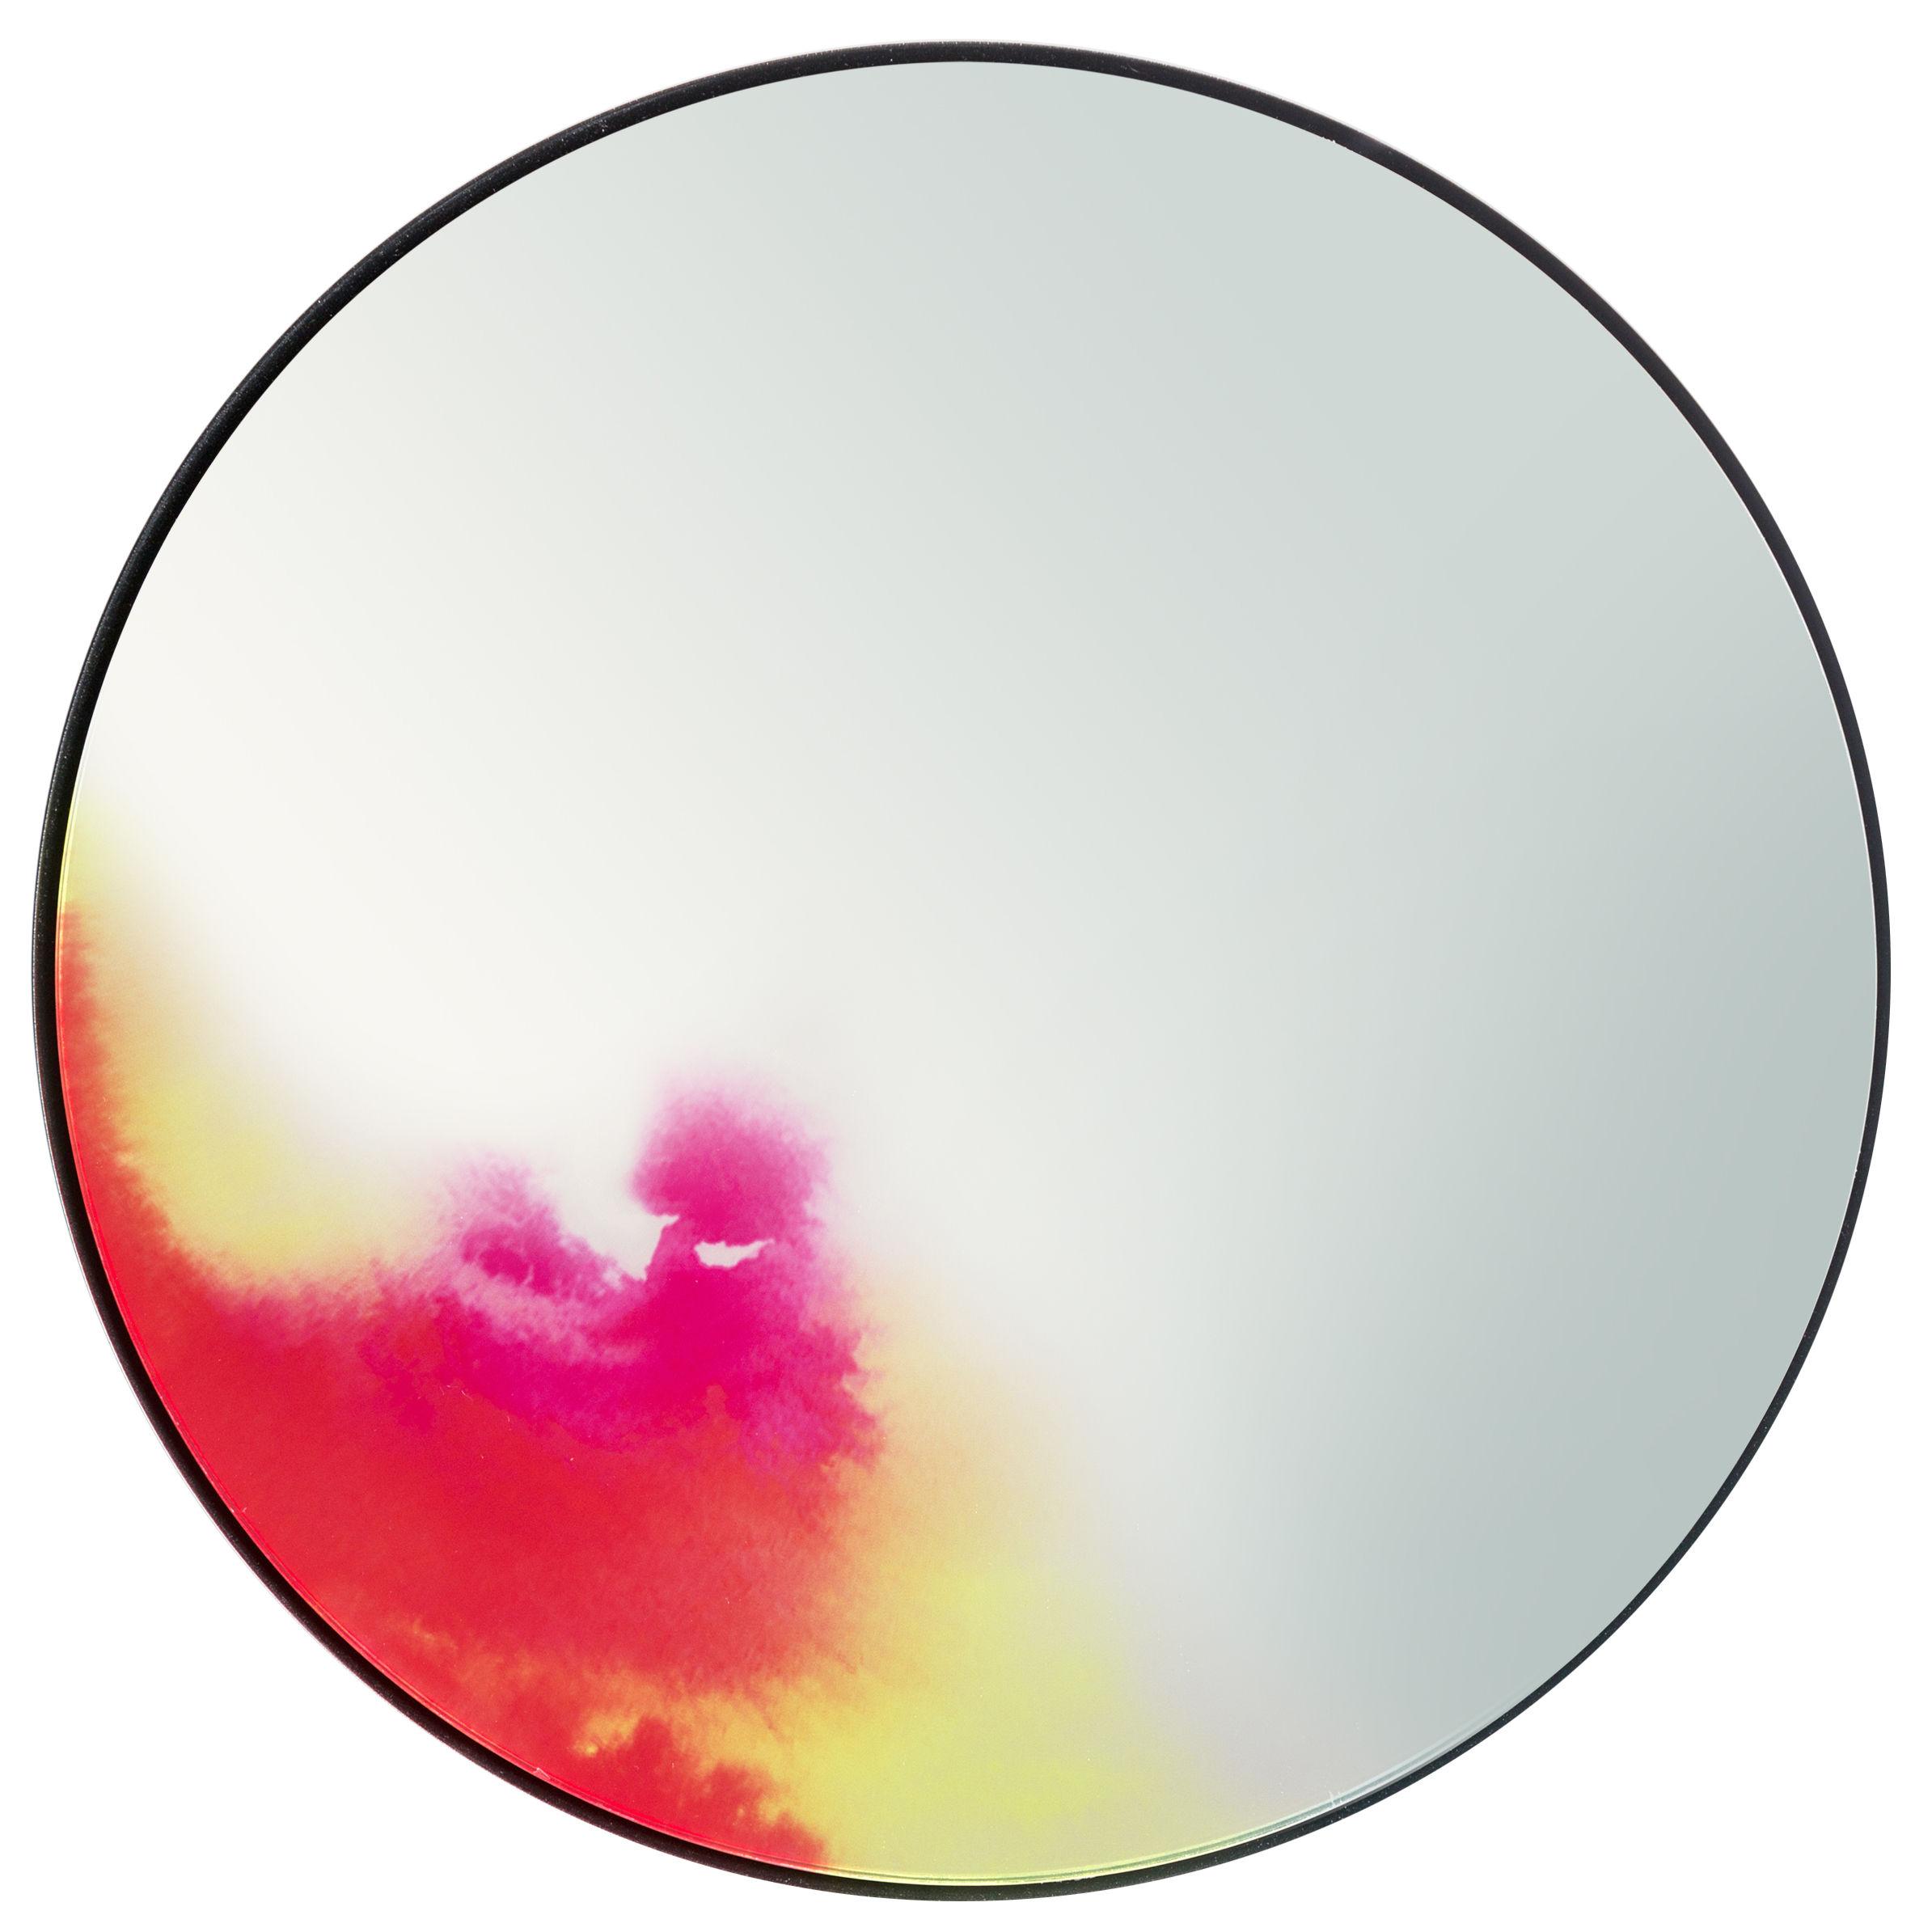 Déco - Miroirs - Miroir mural Francis / Ø 45 cm - Petite Friture - Rose / Orange / Jaune - Aluminium peint, Verre